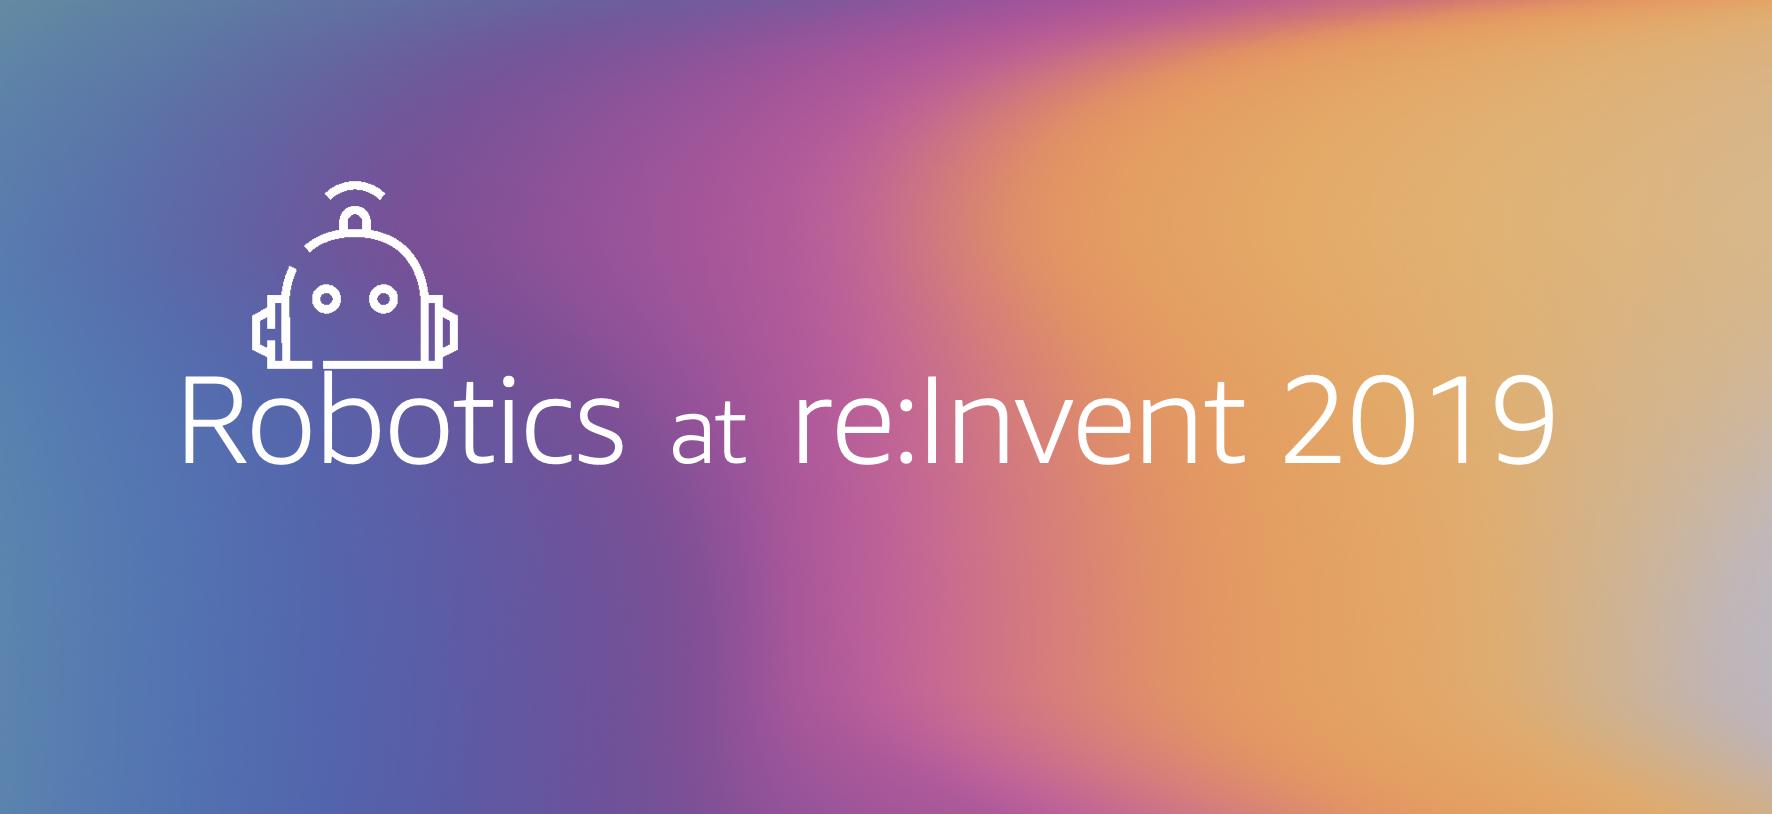 2019 年 re:Invent 大会上的机器人。